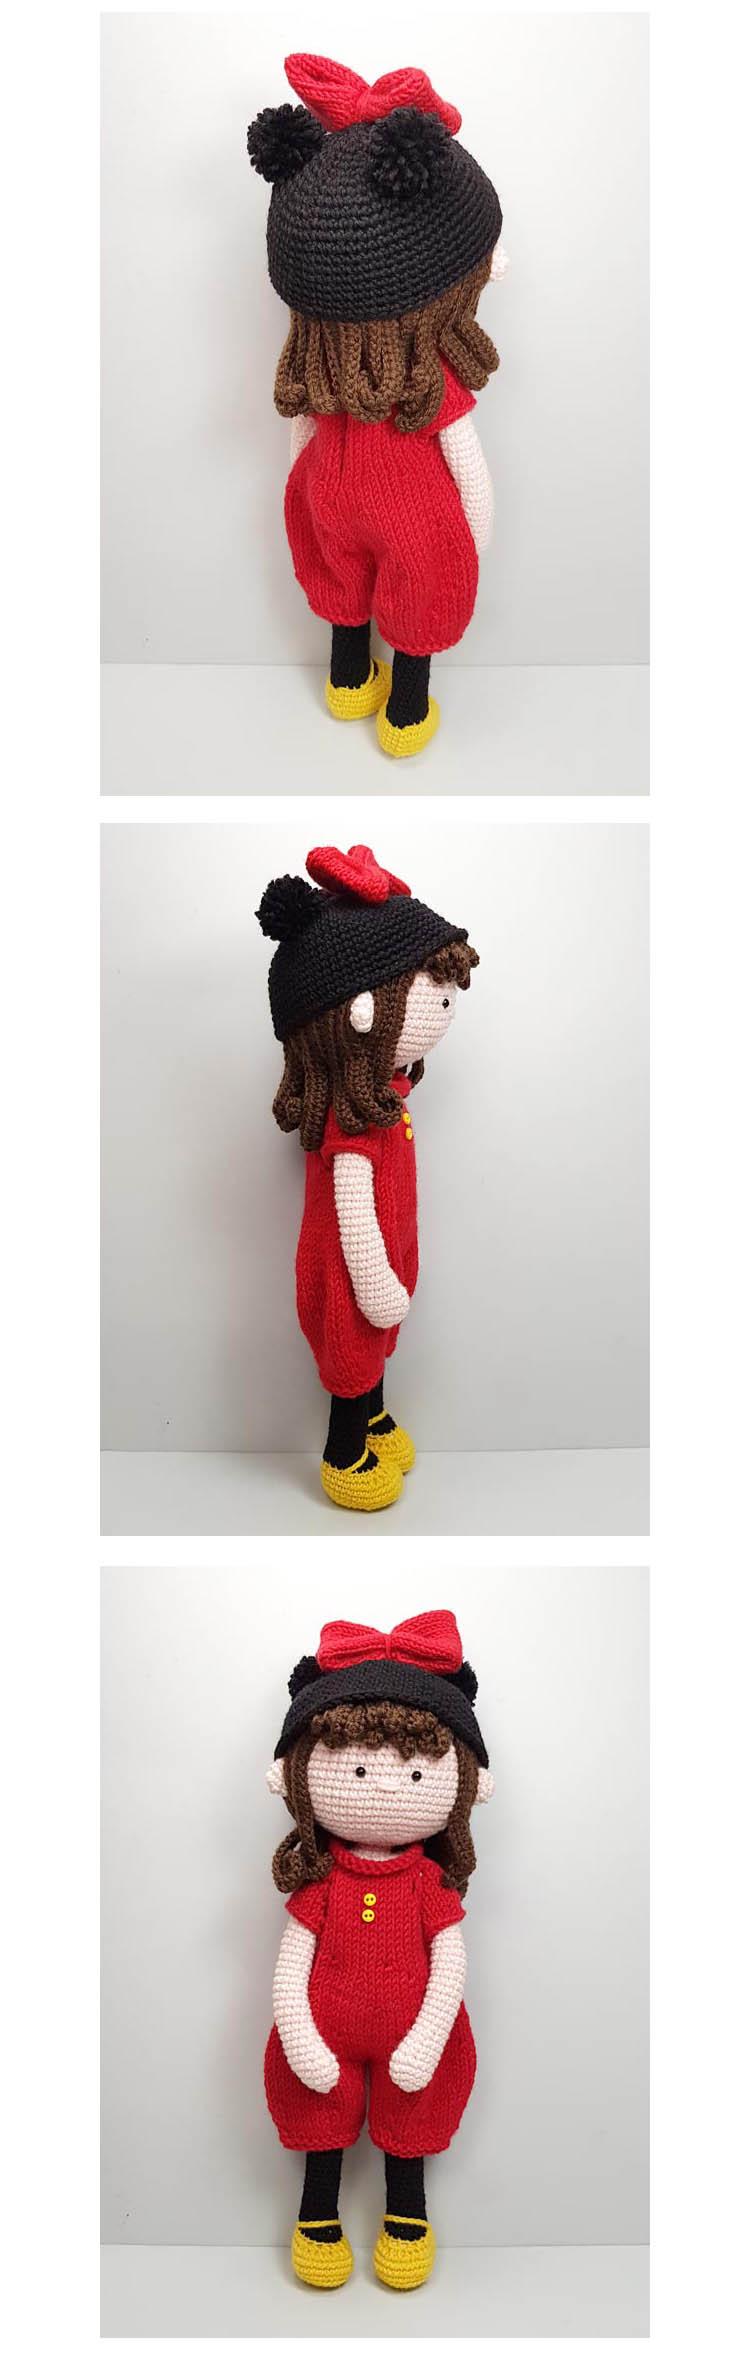 손뜨개 DIY-미니랑 꼬마토끼 - 써니의실노리, 65,000원, 뜨개질, 기타 패키지